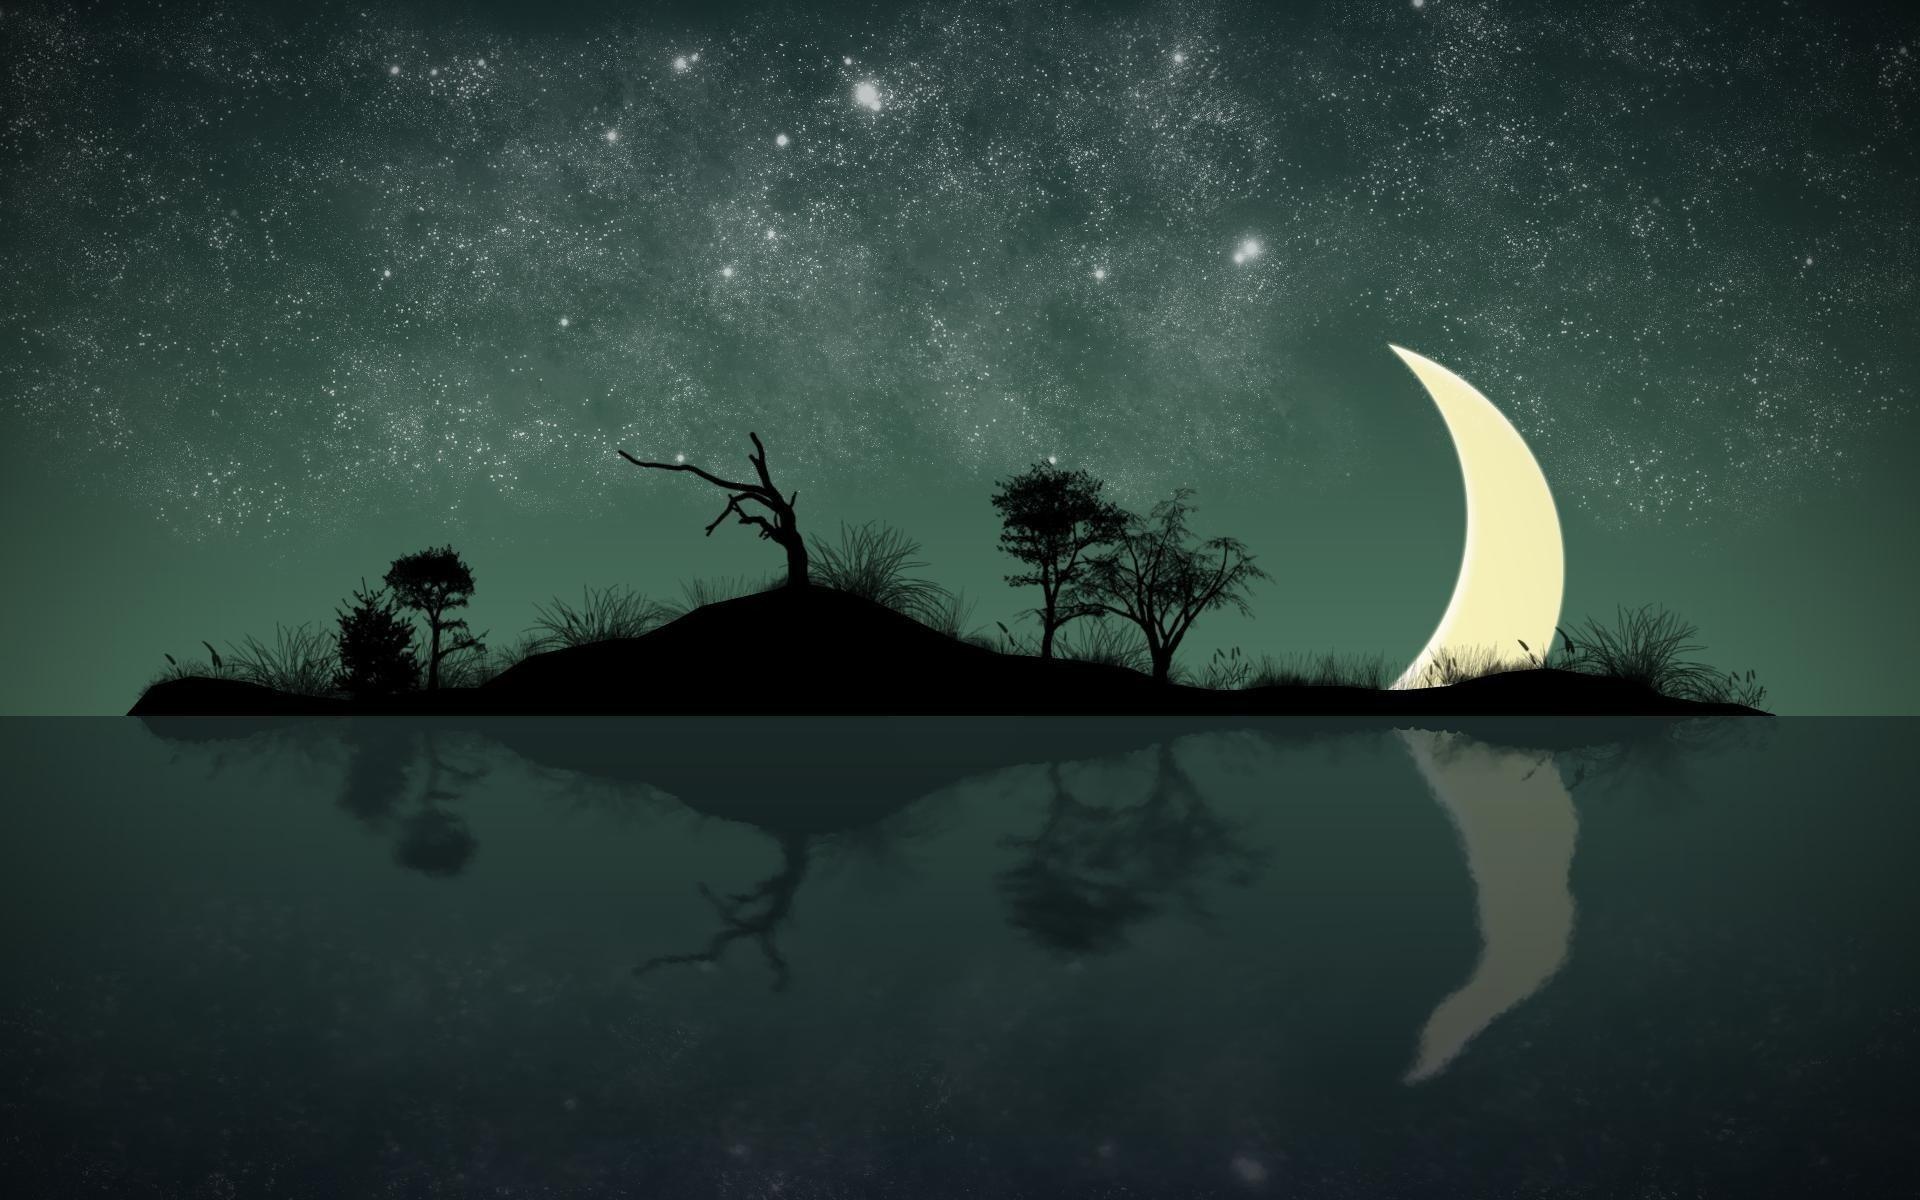 Обои рисунок, Вода, лодки, ночь, свет. Разное foto 15